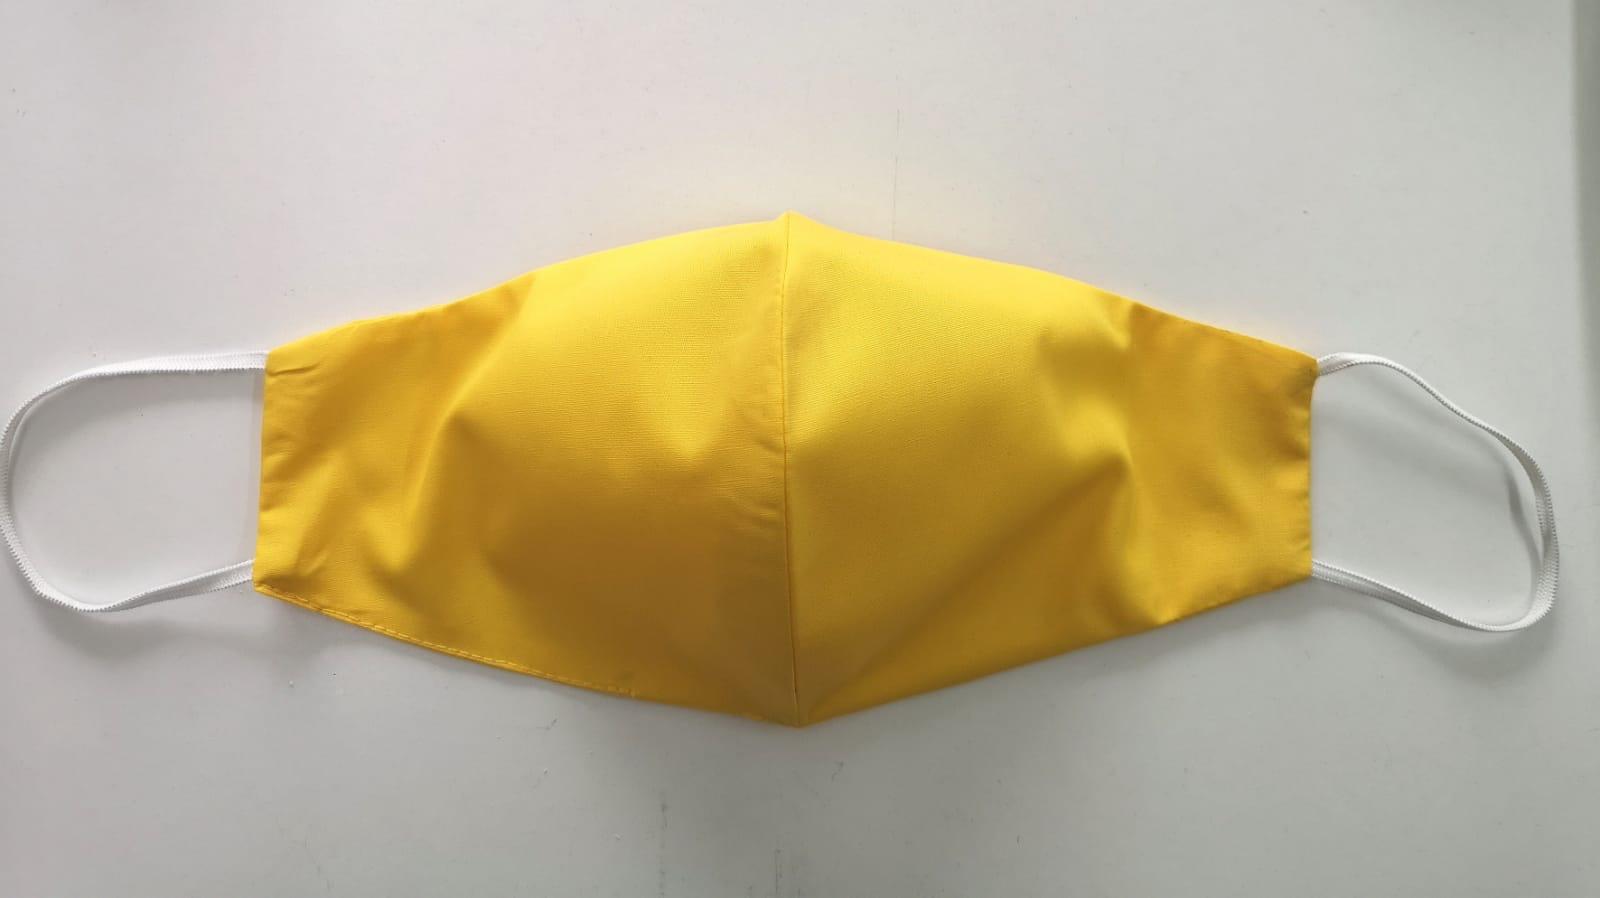 Masca galbena tip ratusca 2 straturi elastic reutilizabila personalizata | Toroadv.ro